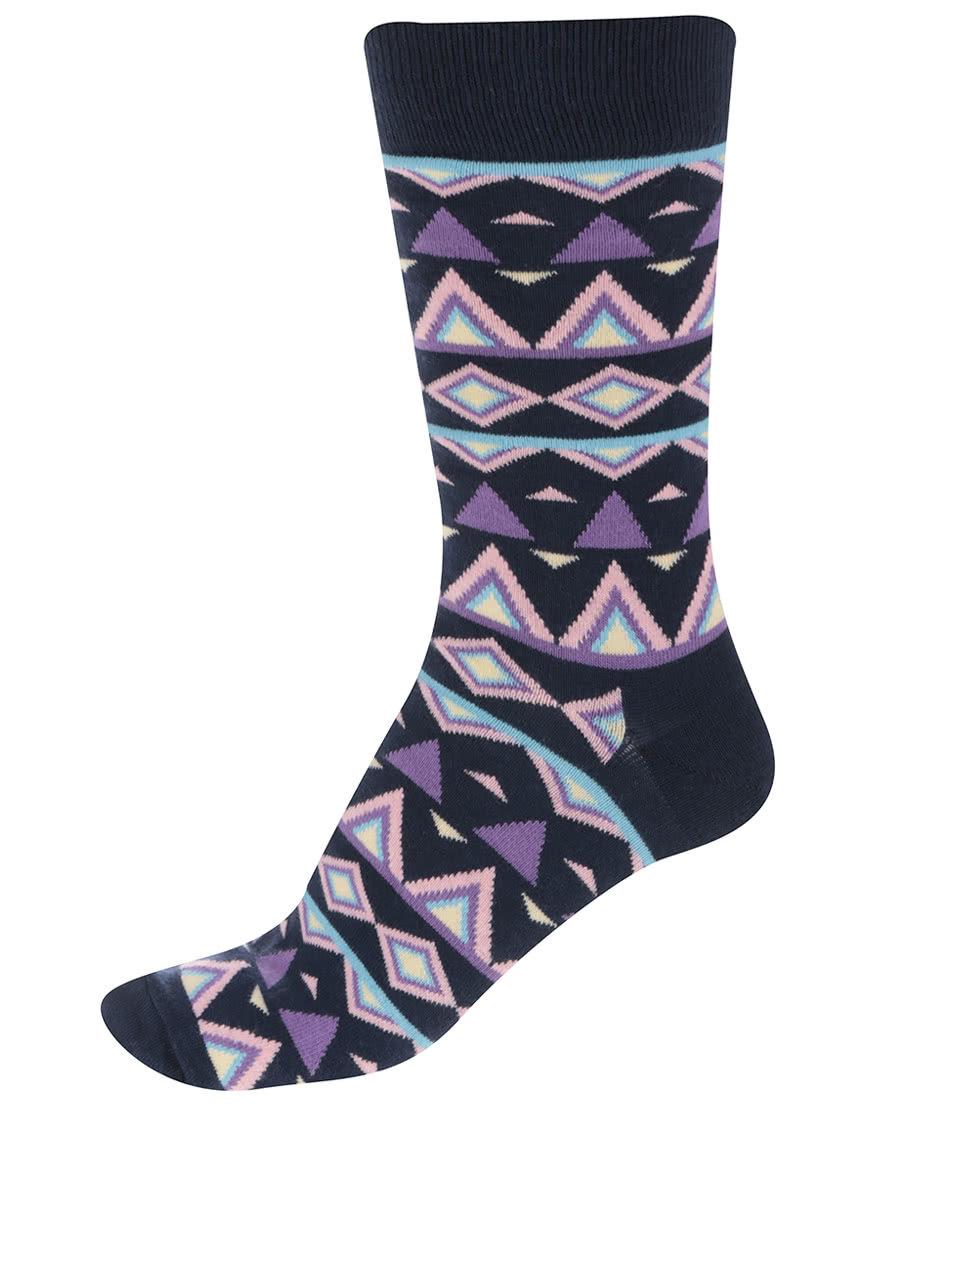 Tmavomodré pánske ponožky so vzorom Happy Socks Temple ... 51d3e3db7d2